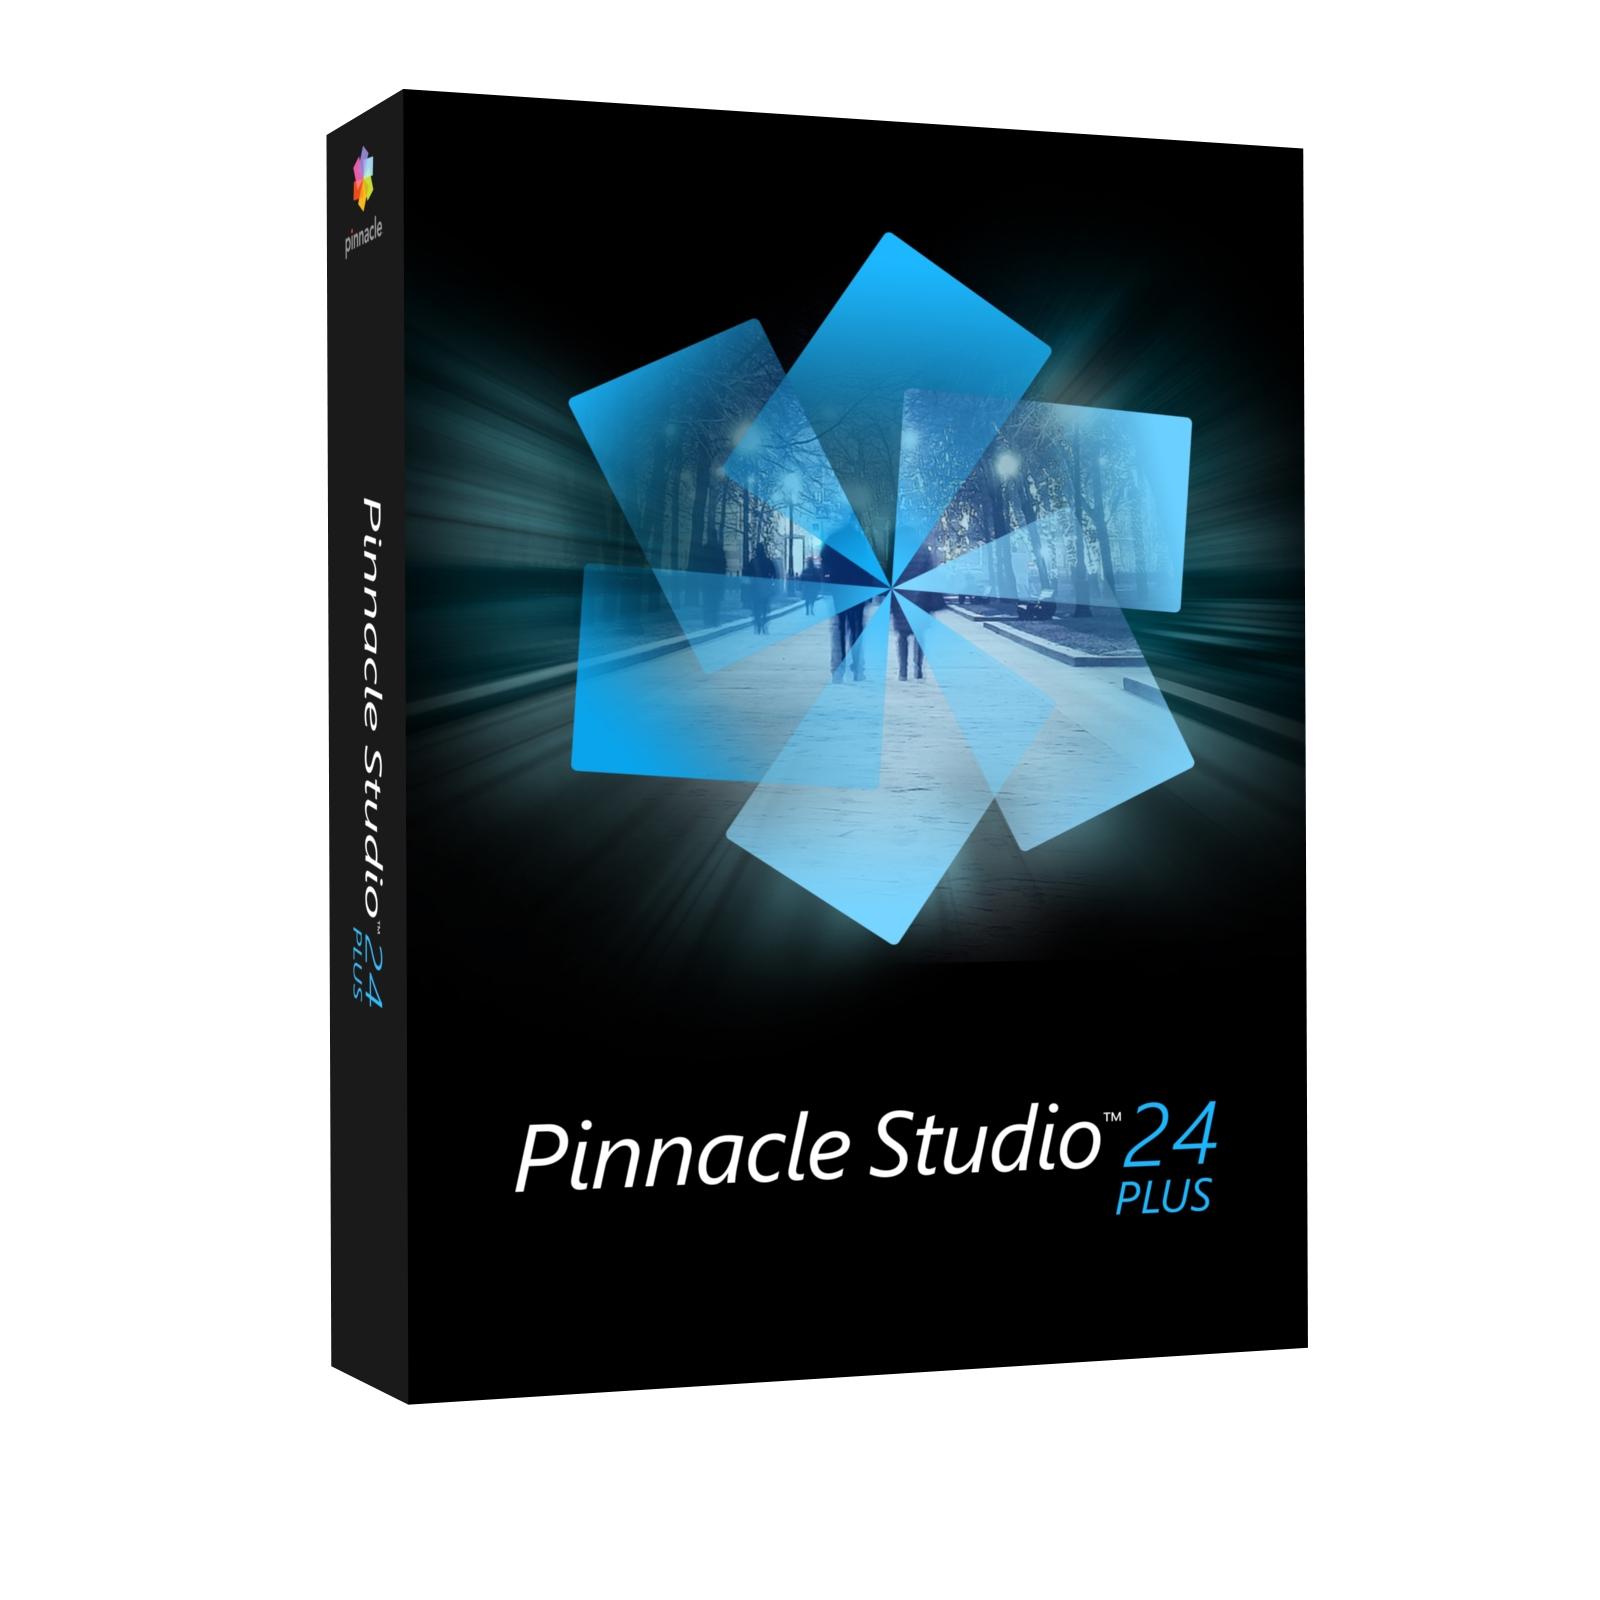 Pinnacle Studio 24 Plus (box) CZ - PNST24PLMLEU